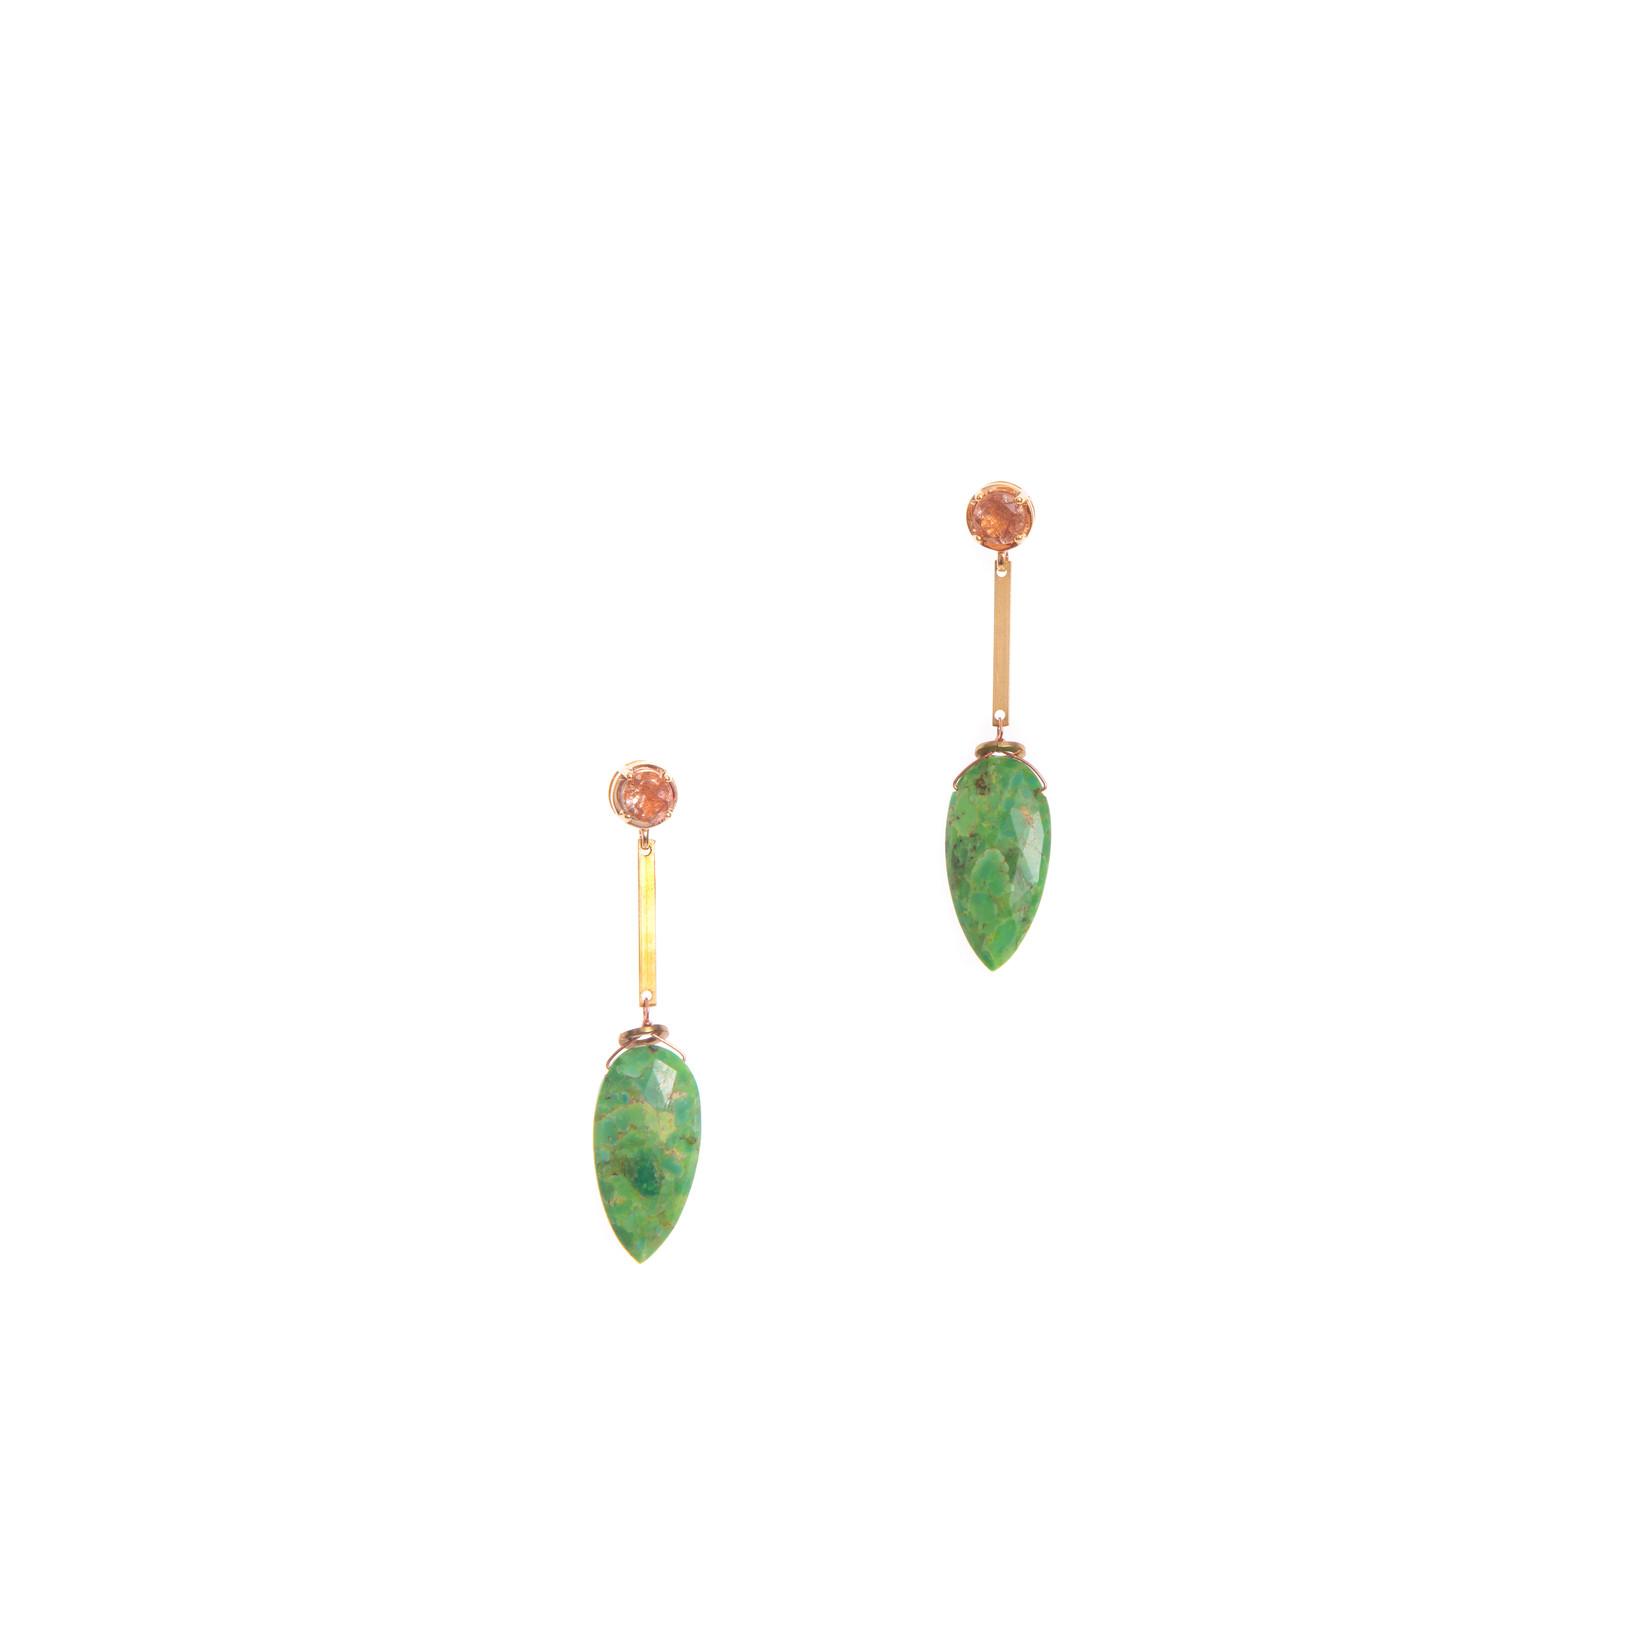 Hailey Gerrits Amazon Earrings